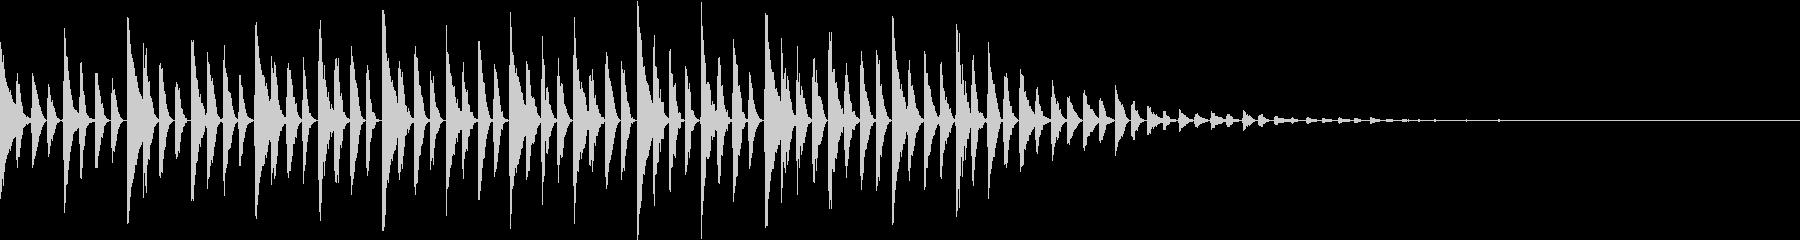 オープニングの未再生の波形